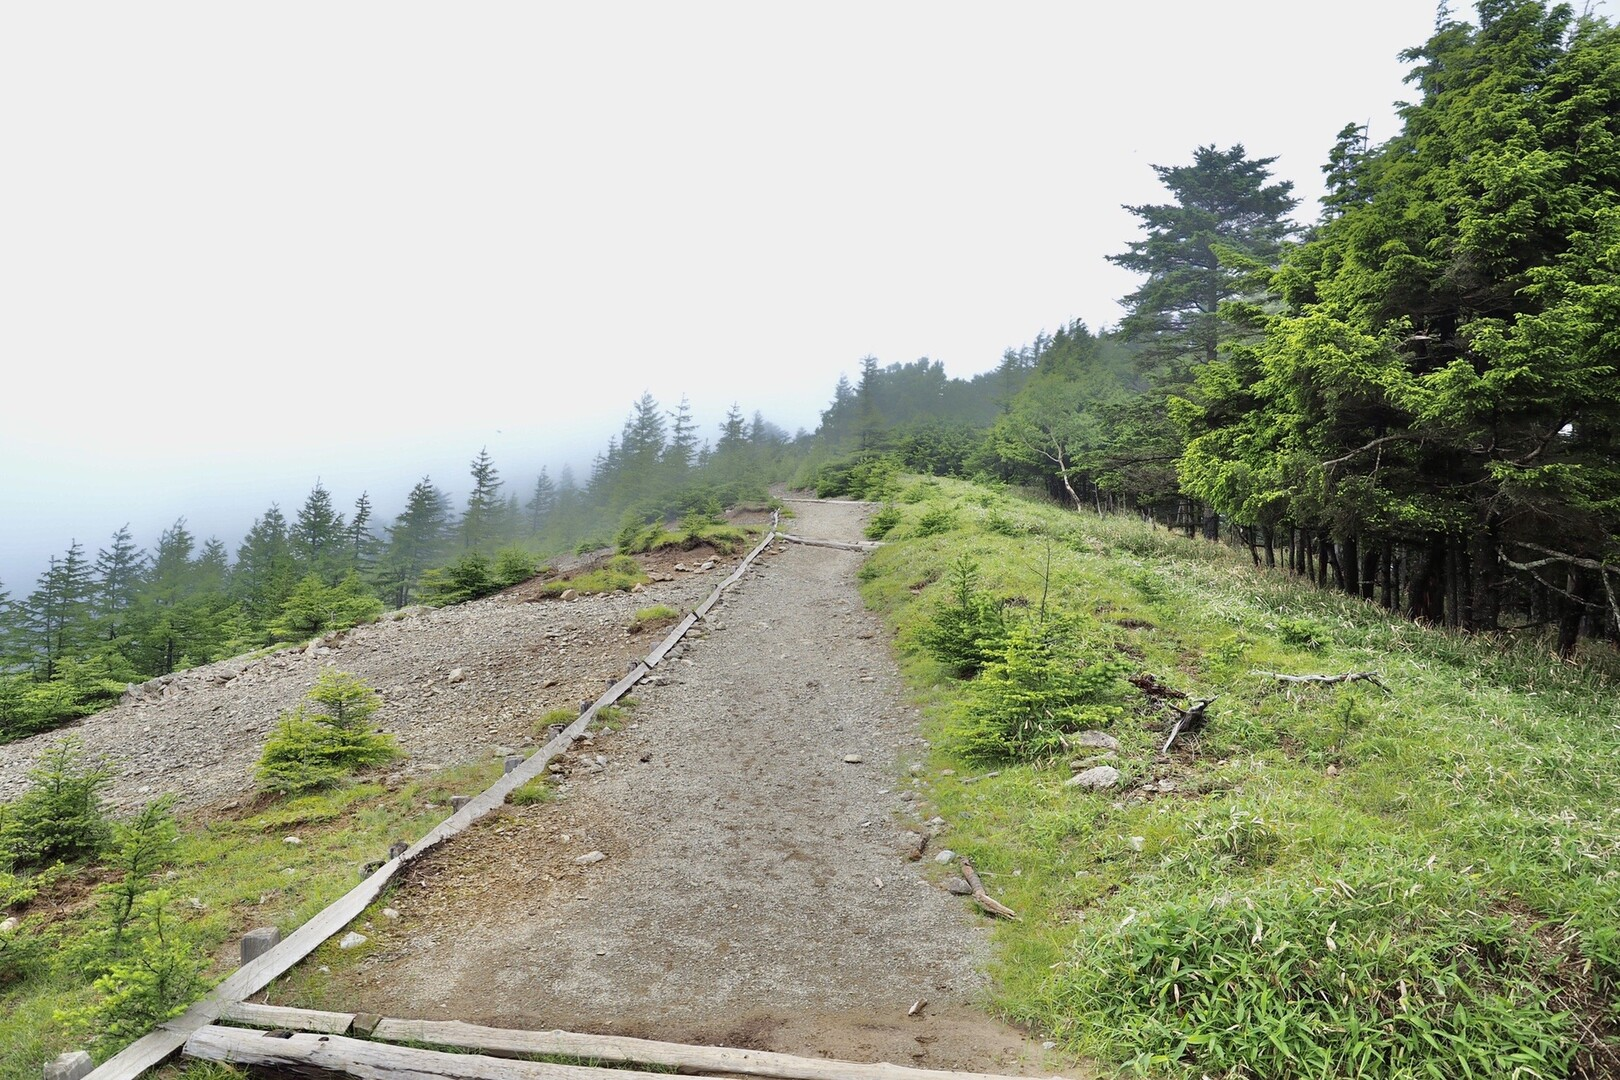 ボス急登を越えて、美しい稜線を堪能する。<br> 晴れてさえいれば・・・・。<br> <br> というかもうこの時点ですでに頭の中は飯のことしか考えられなくなっていた。<br> <br> そんな思考停止の中、もこもぐさんが会話をリードしてくれたので、なんとか歩けました🚶♀️